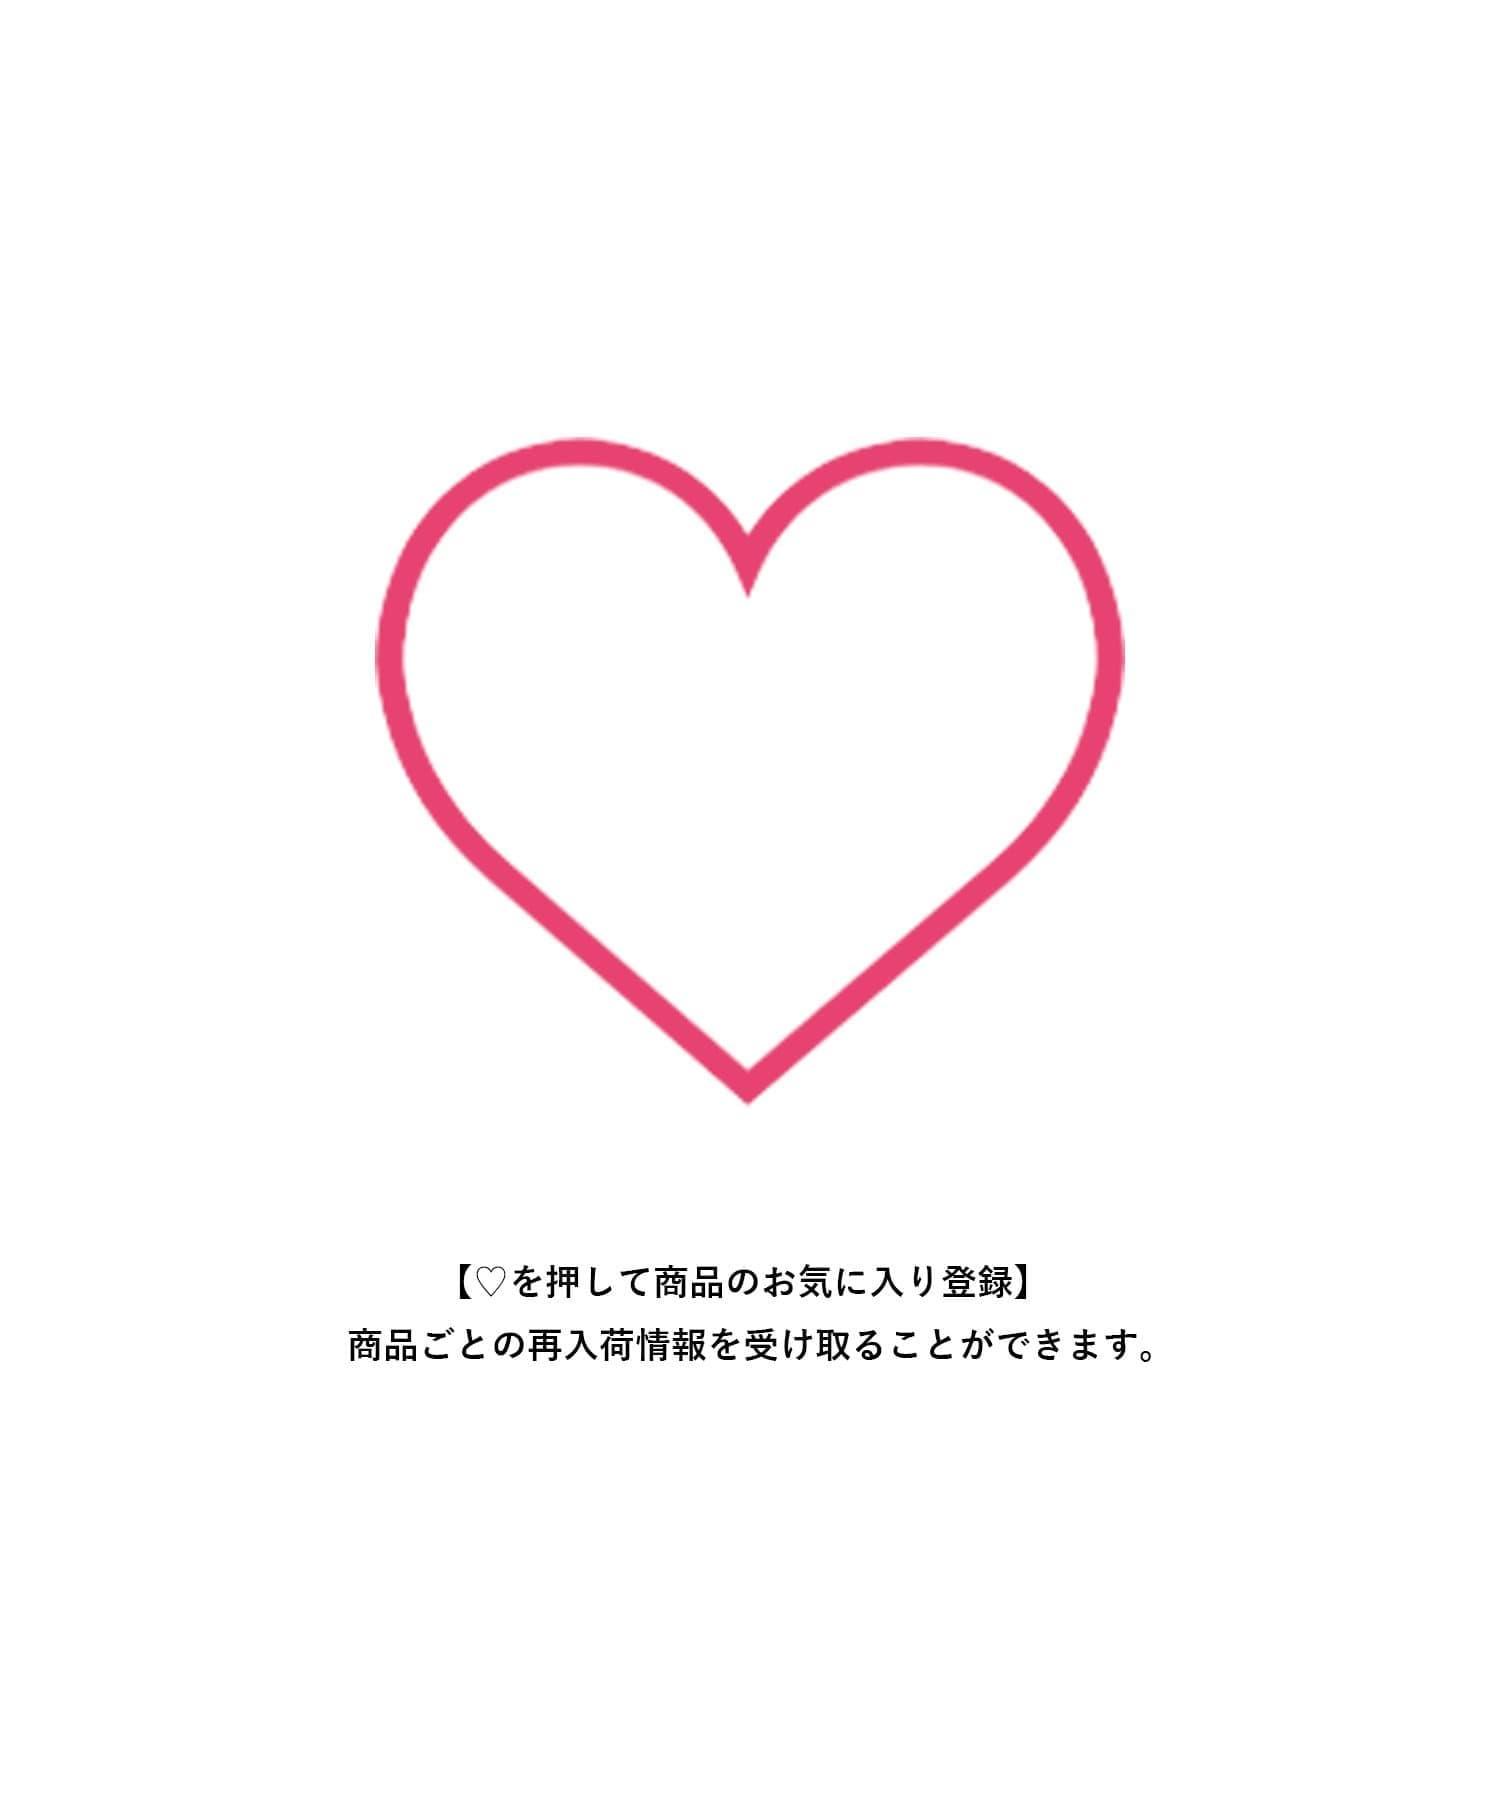 COLLAGE GALLARDAGALANTE(コラージュ ガリャルダガランテ) 【PAPILLONNER/パピヨネ】リバーシブルタイスカーフ